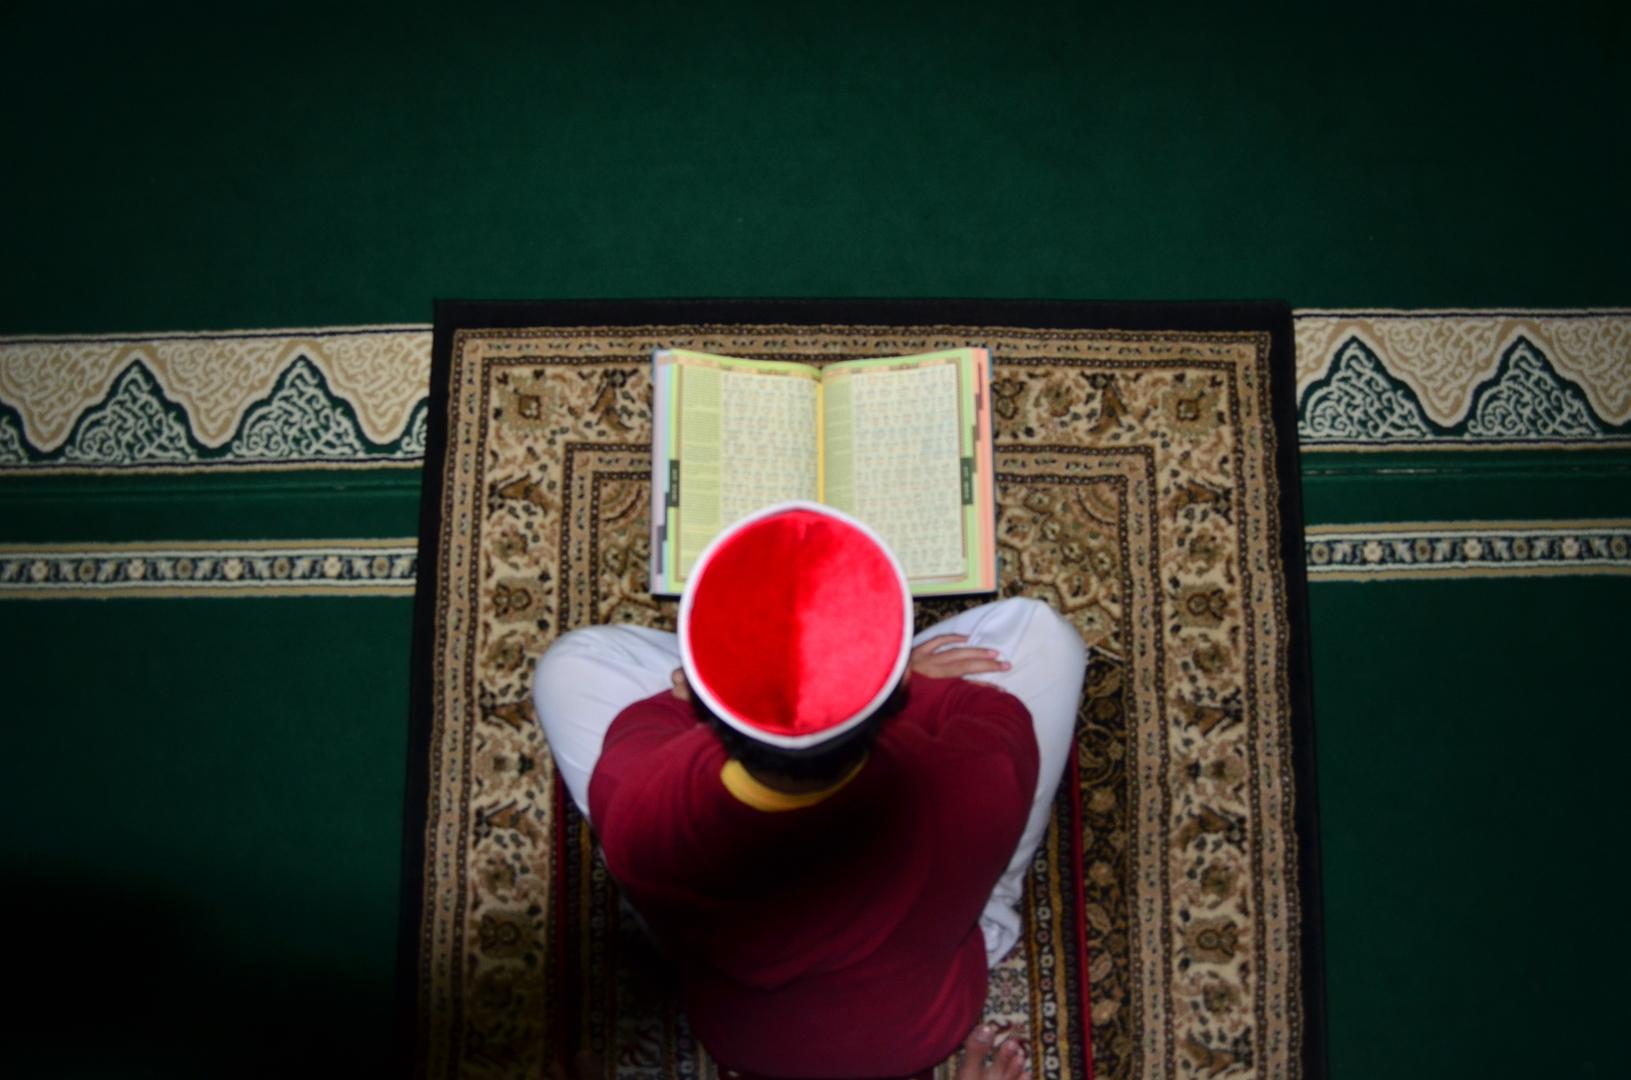 Siapa yang Bertanggung Jawab Menjaga Umat di Zaman Ini bimbingan islam